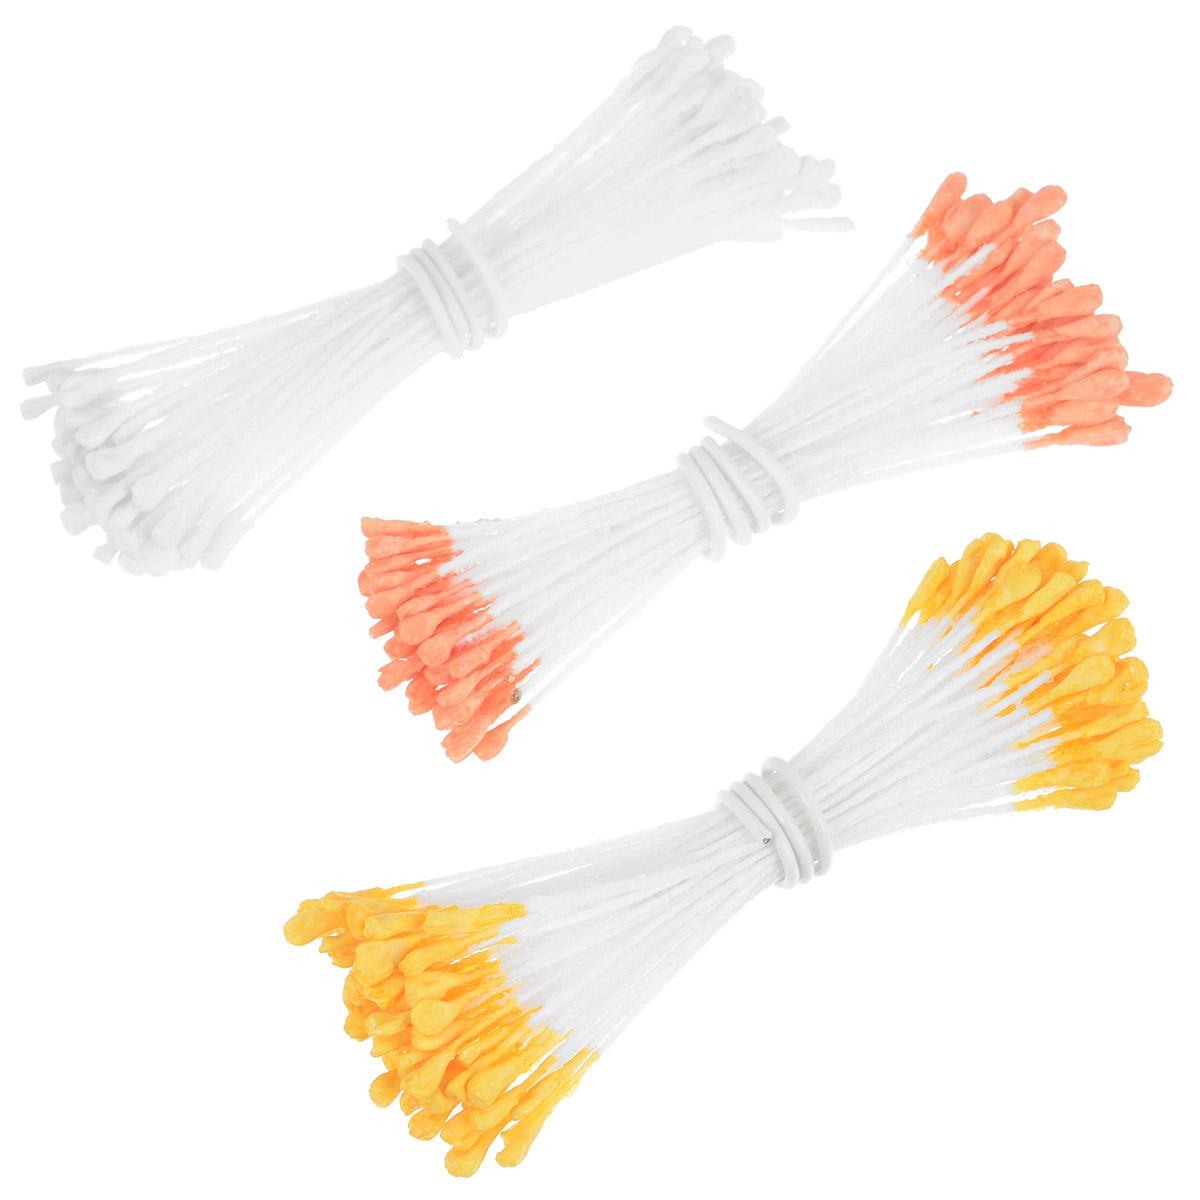 Набор цветных тычинок Wilton, цвет: белый, желтый, оранжевый, 30 шт54 009303Набор Wilton состоит из 30 специальных тычинок для кондитерского творчества, изготовленных из ткани и металла. Используются при изготовлении съедобных цветов (из глазури-айсинга или мастики). В наборе 3 вида тычинок (по 10 штук): белые, желтые, оранжевые. Изделия предназначены для одноразового использования. Завершите ваши съедобные цветы такими натуральными на вид тычинками! Длина тычинки: 5,4 см.